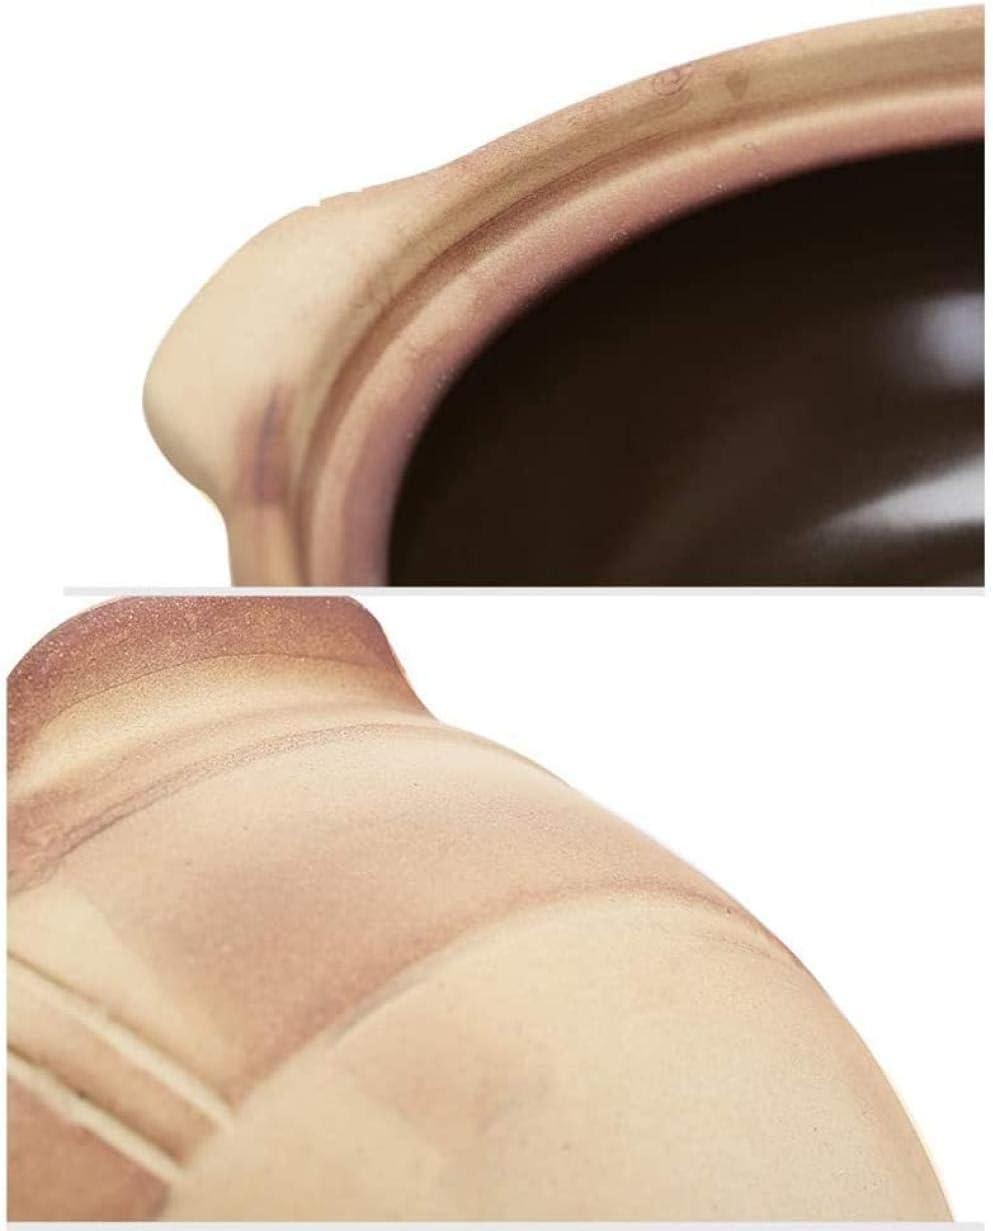 Casserole Traditionnelle en céramique Non émaillée résistante à la Chaleur marmite en Argile à Cuisson Lente marmite antiadhésive Casserole Saine X 0.75l Well F